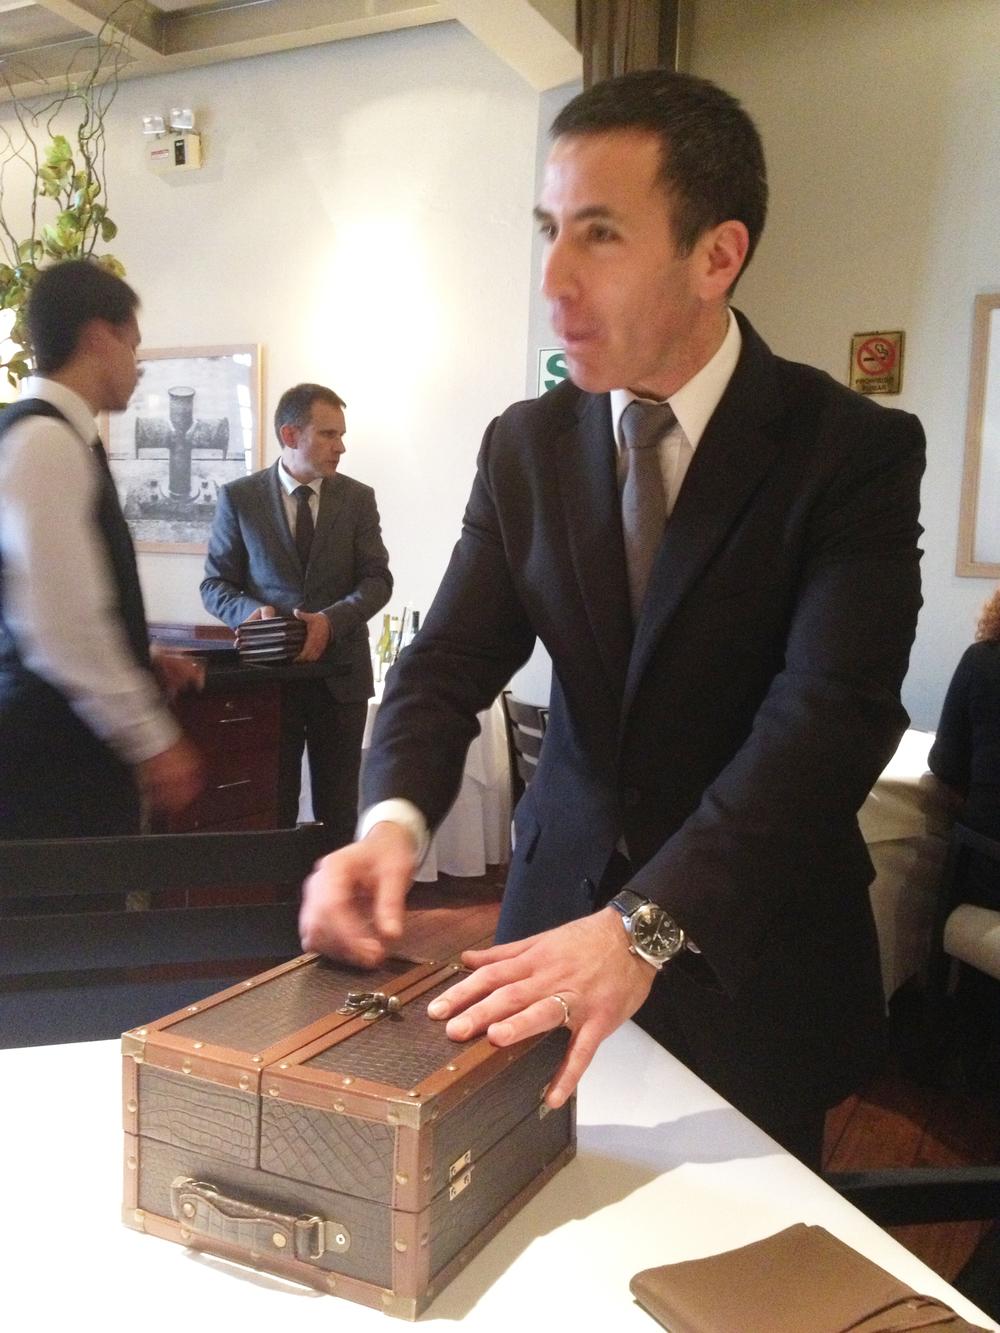 Silvio Vera abre la maleta para iniciar el menú degustación  El viaje  de Astrid & Gastón Lima.